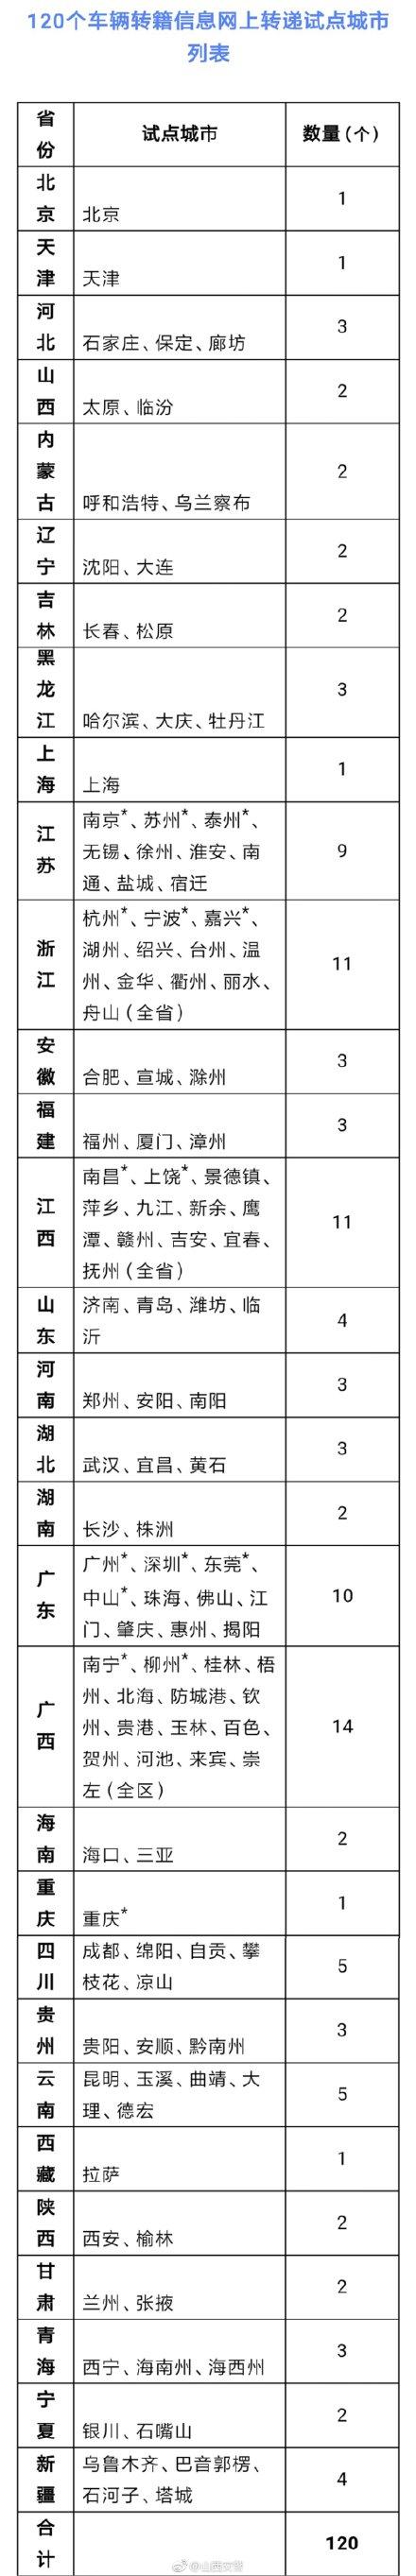 2019年6月起北京交通新规:车主本人车牌号可互换 原牌号可保留两